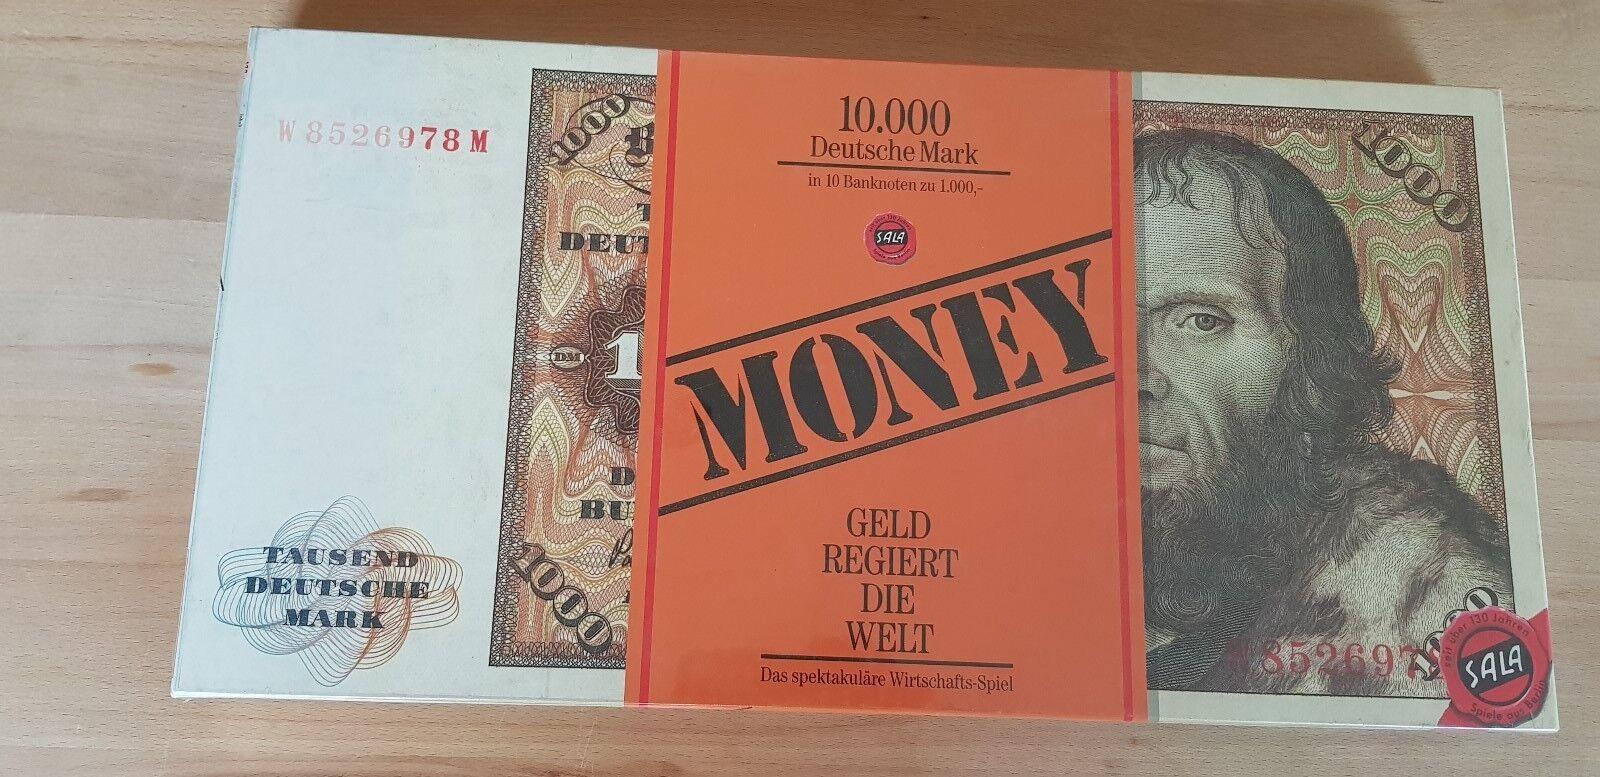 Money +++ denaro  governa il mondo +++ J fagioli Berger +++ OVP +++ Sala  rivenditore di fitness